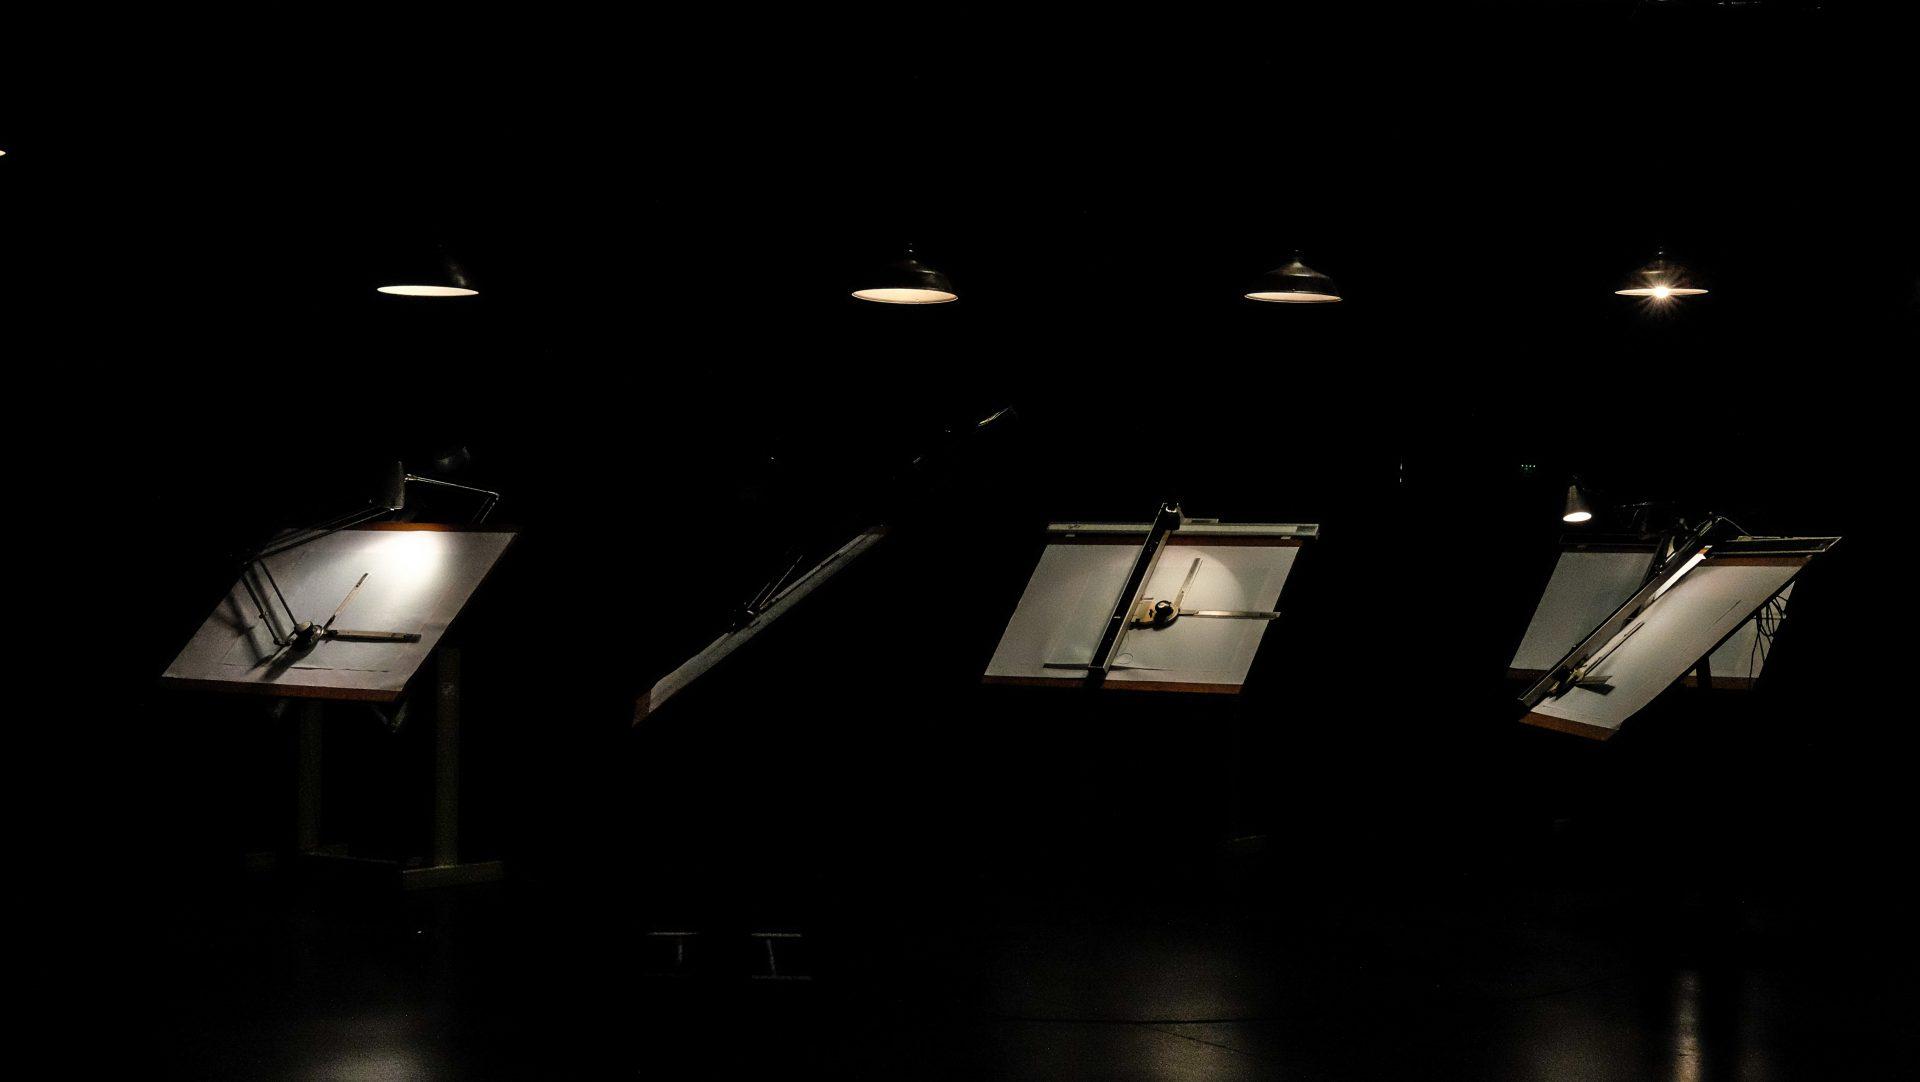 DSCF1811